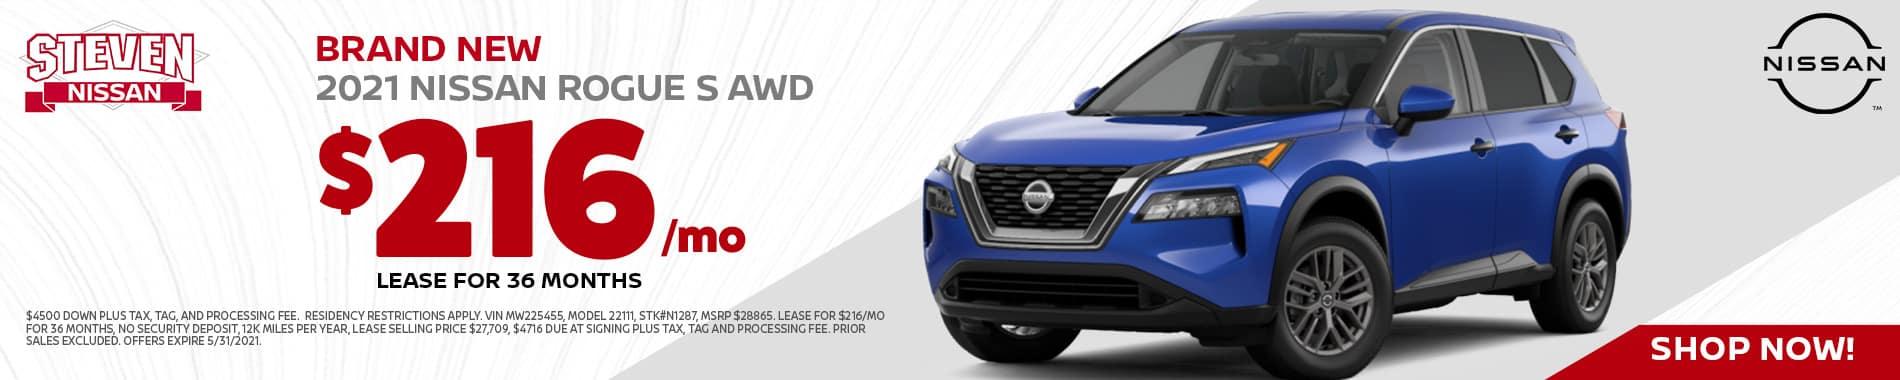 05_21_Steven_Nissan-2021-Nissan-Rogue-S-AWD